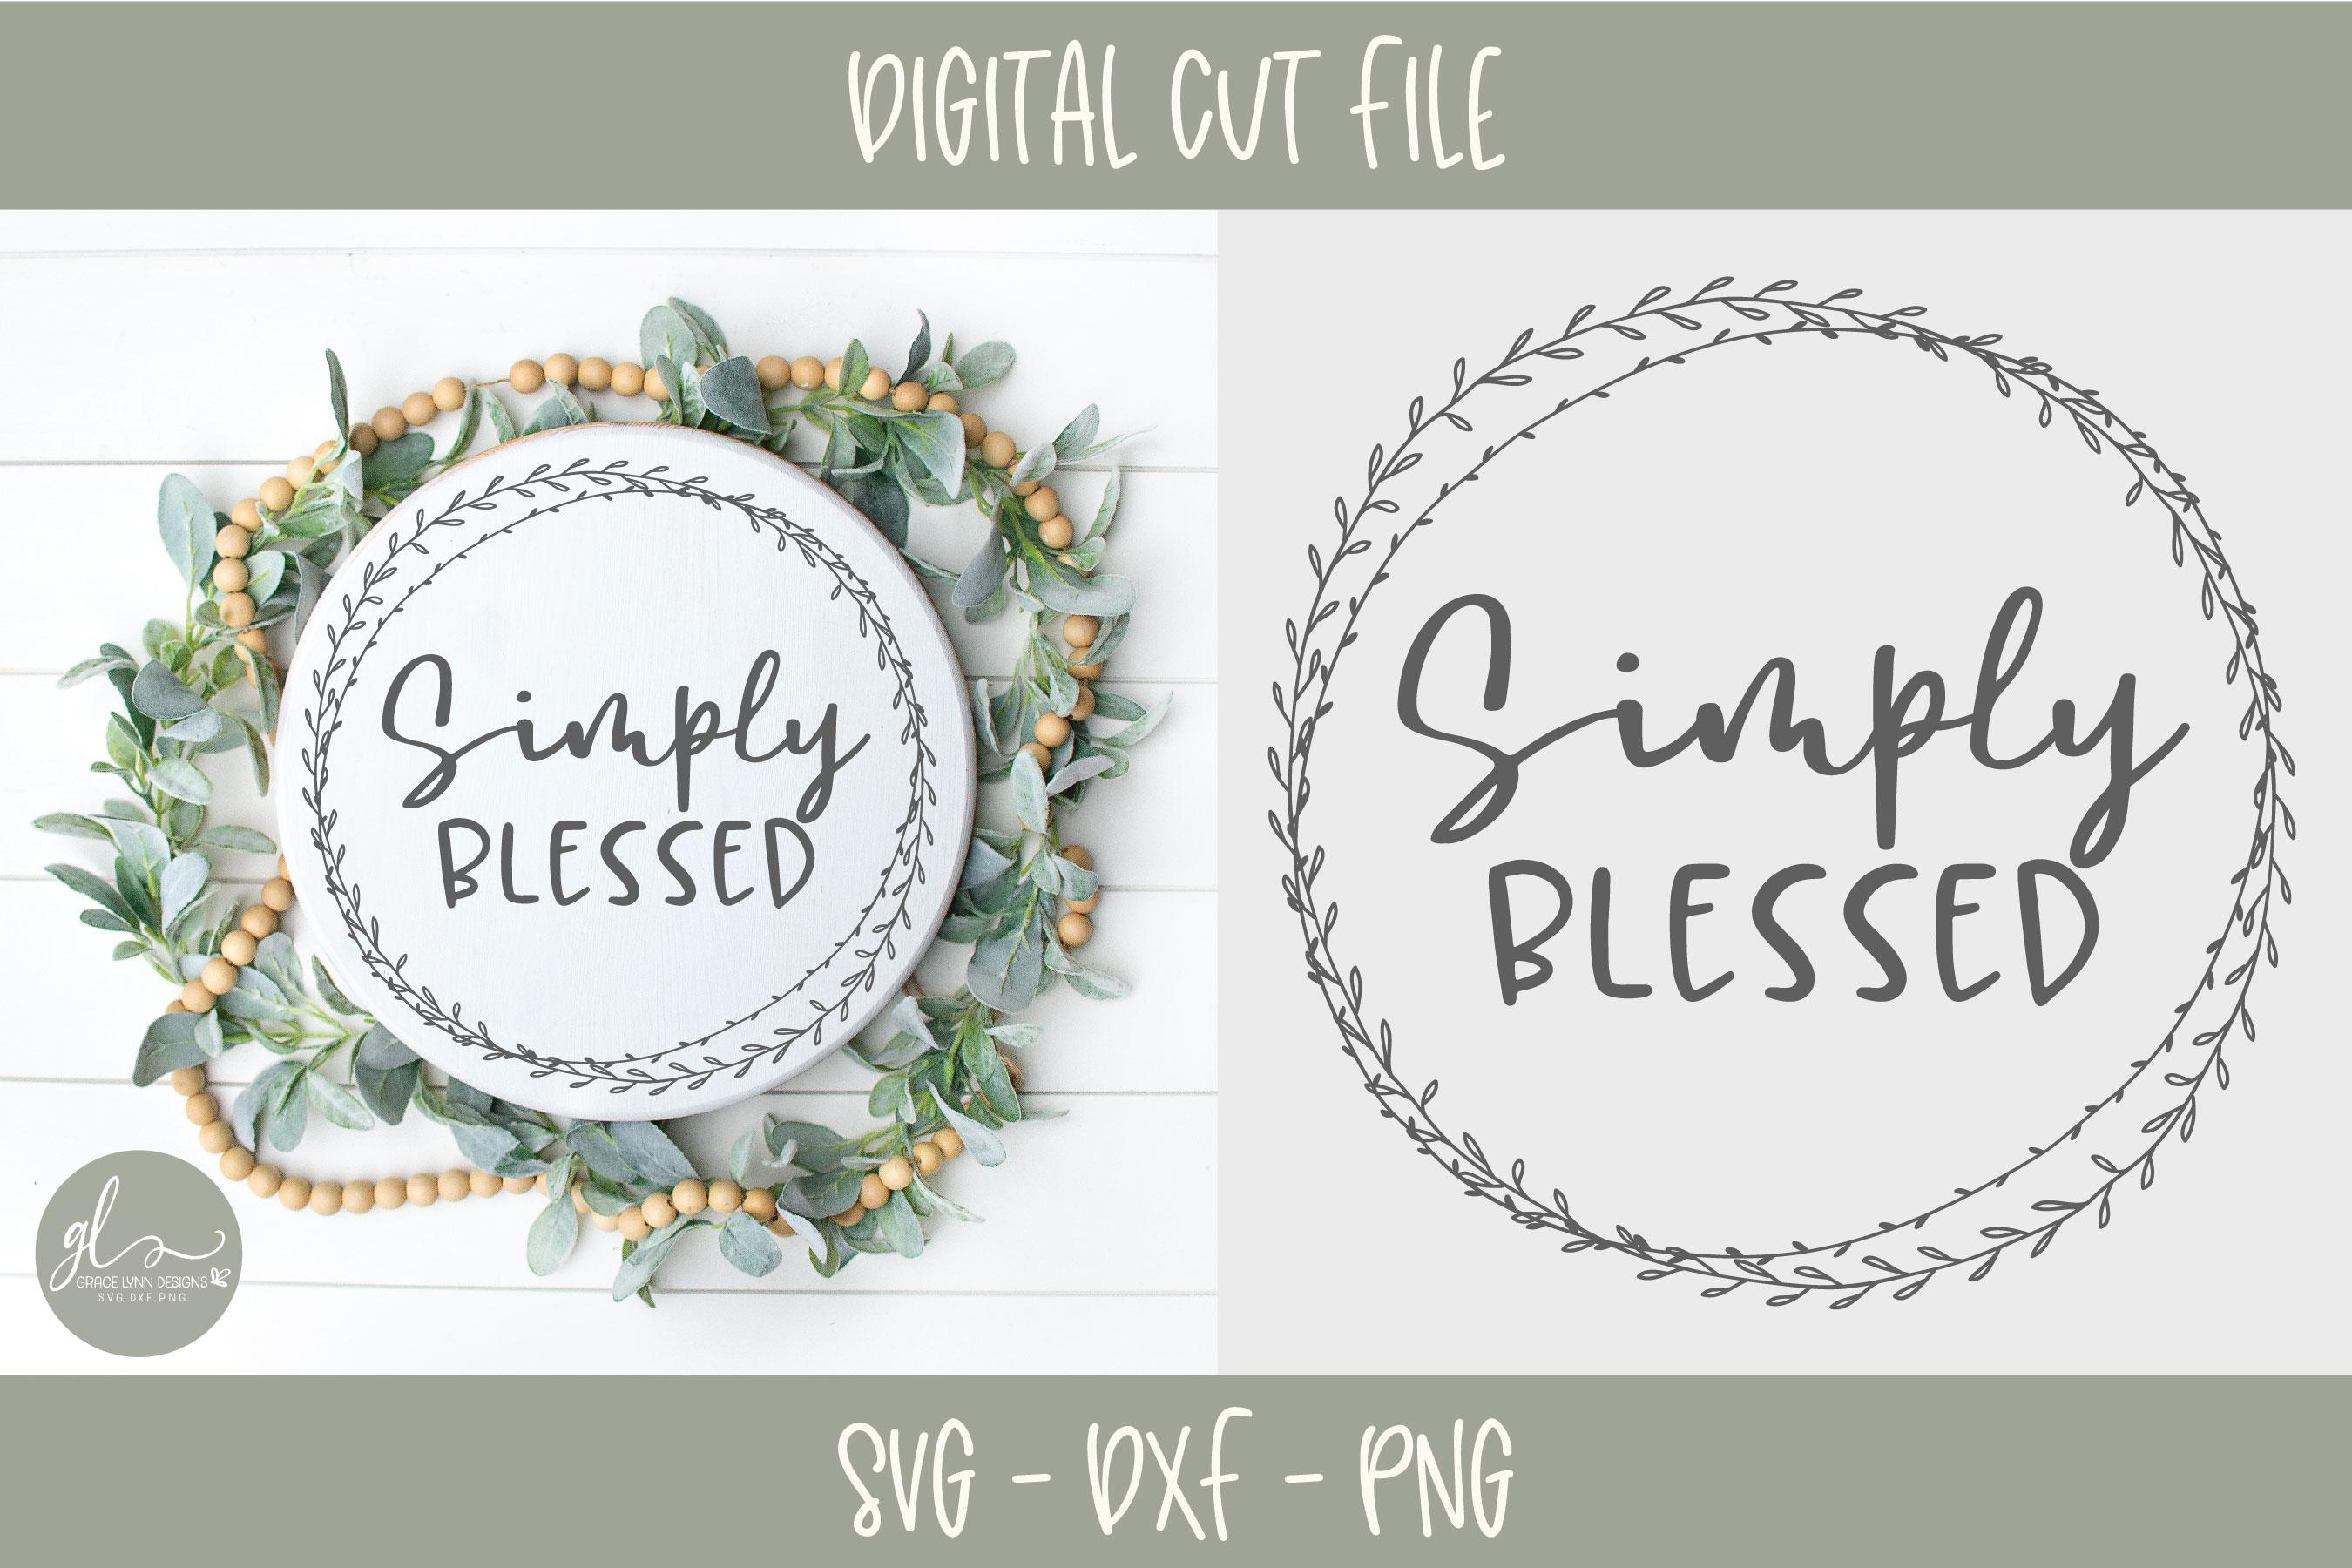 Farmhouse Kitchen Bundle - 12 Designs - SVG Cut Files example image 9